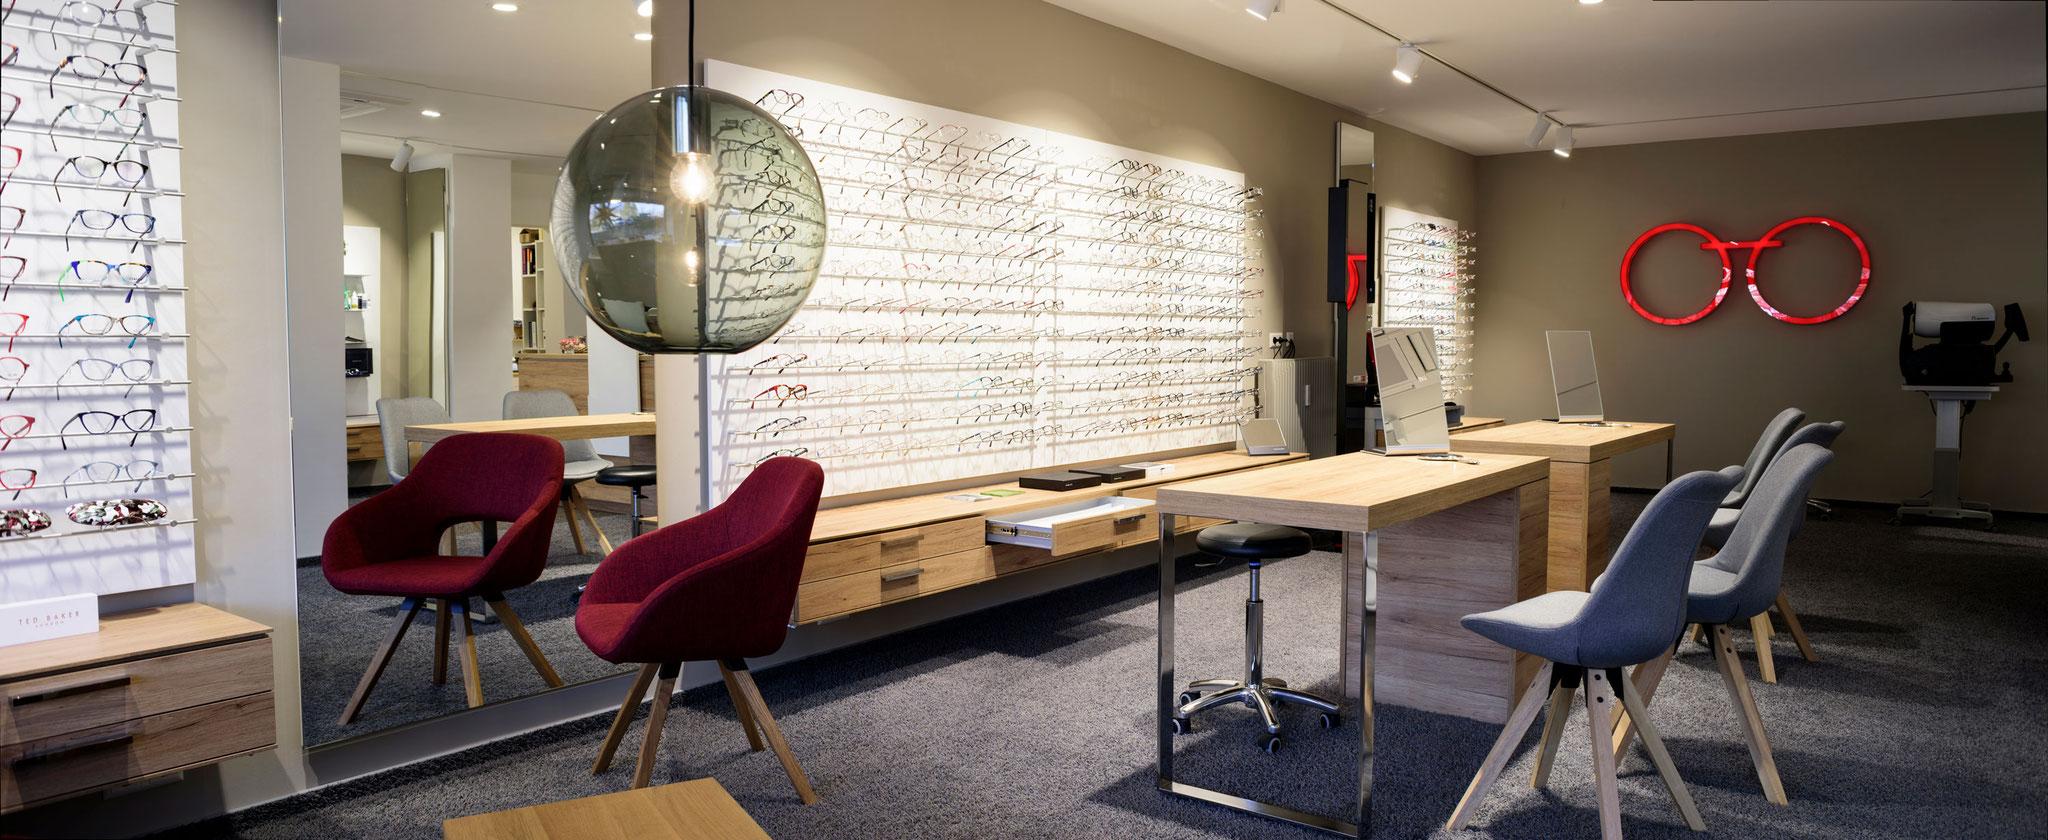 Shop Aufnahme für Fa. Concept S Schorndorf